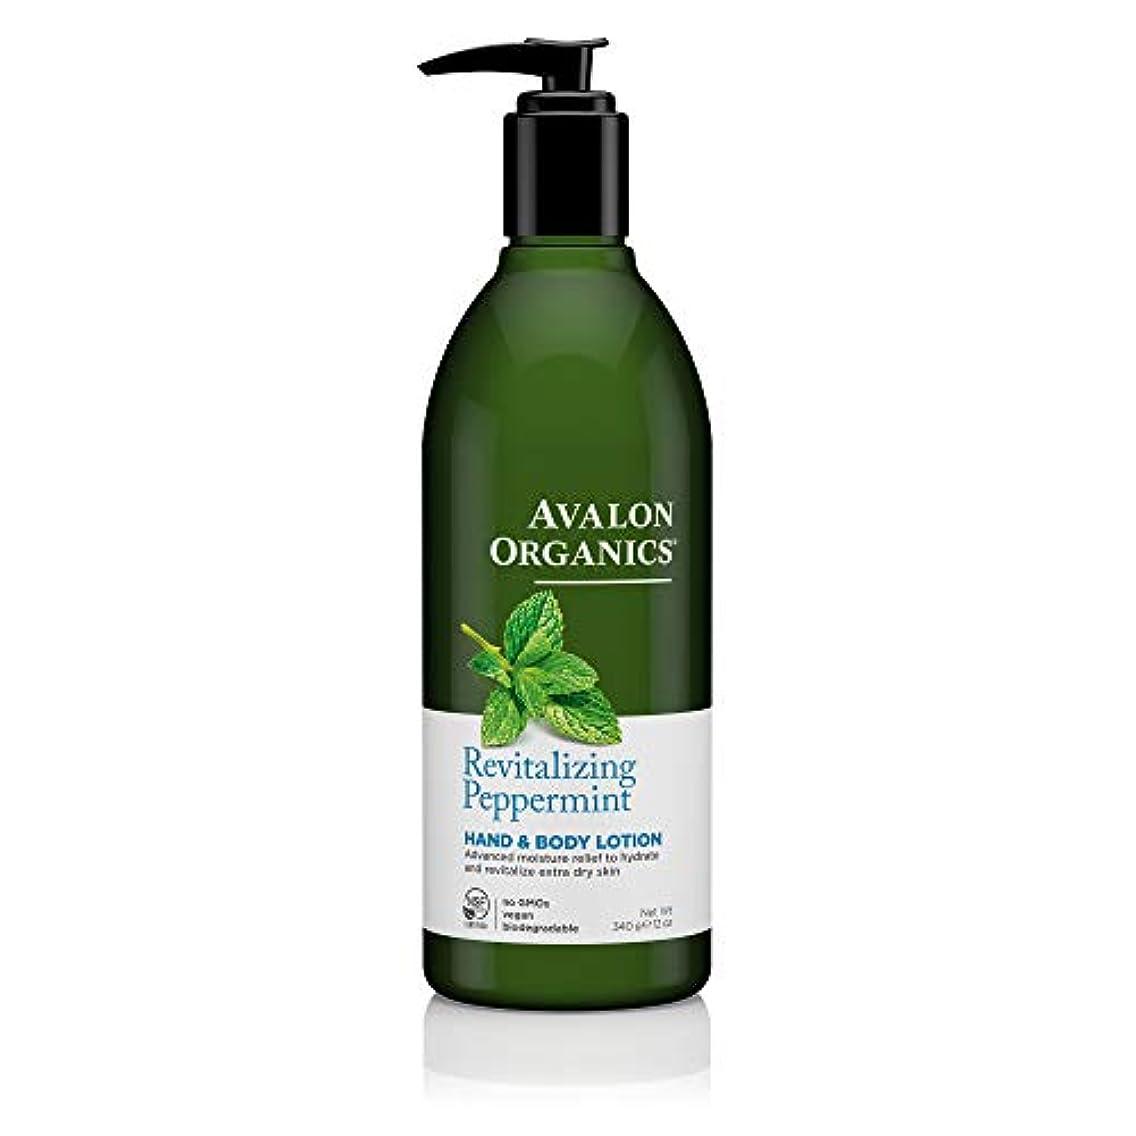 確執害虫前者Avalon Organics Peppermint Hand And Body Lotion, 12-Ounce Bottle (Pack of 2) by Avalon [並行輸入品]